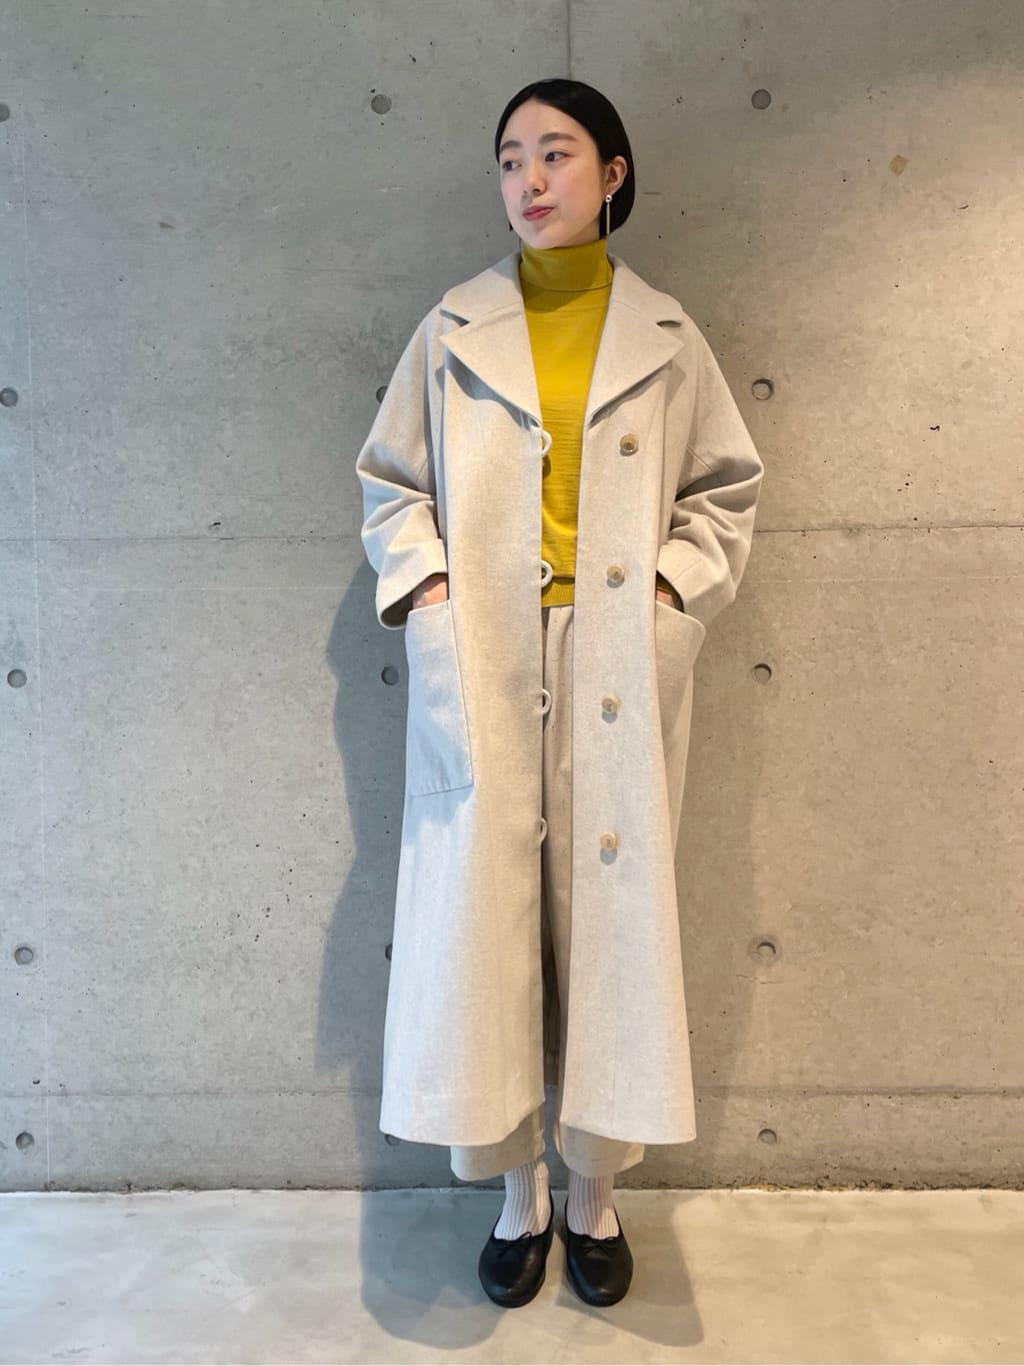 yuni ニュウマン横浜 身長:166cm 2021.09.20